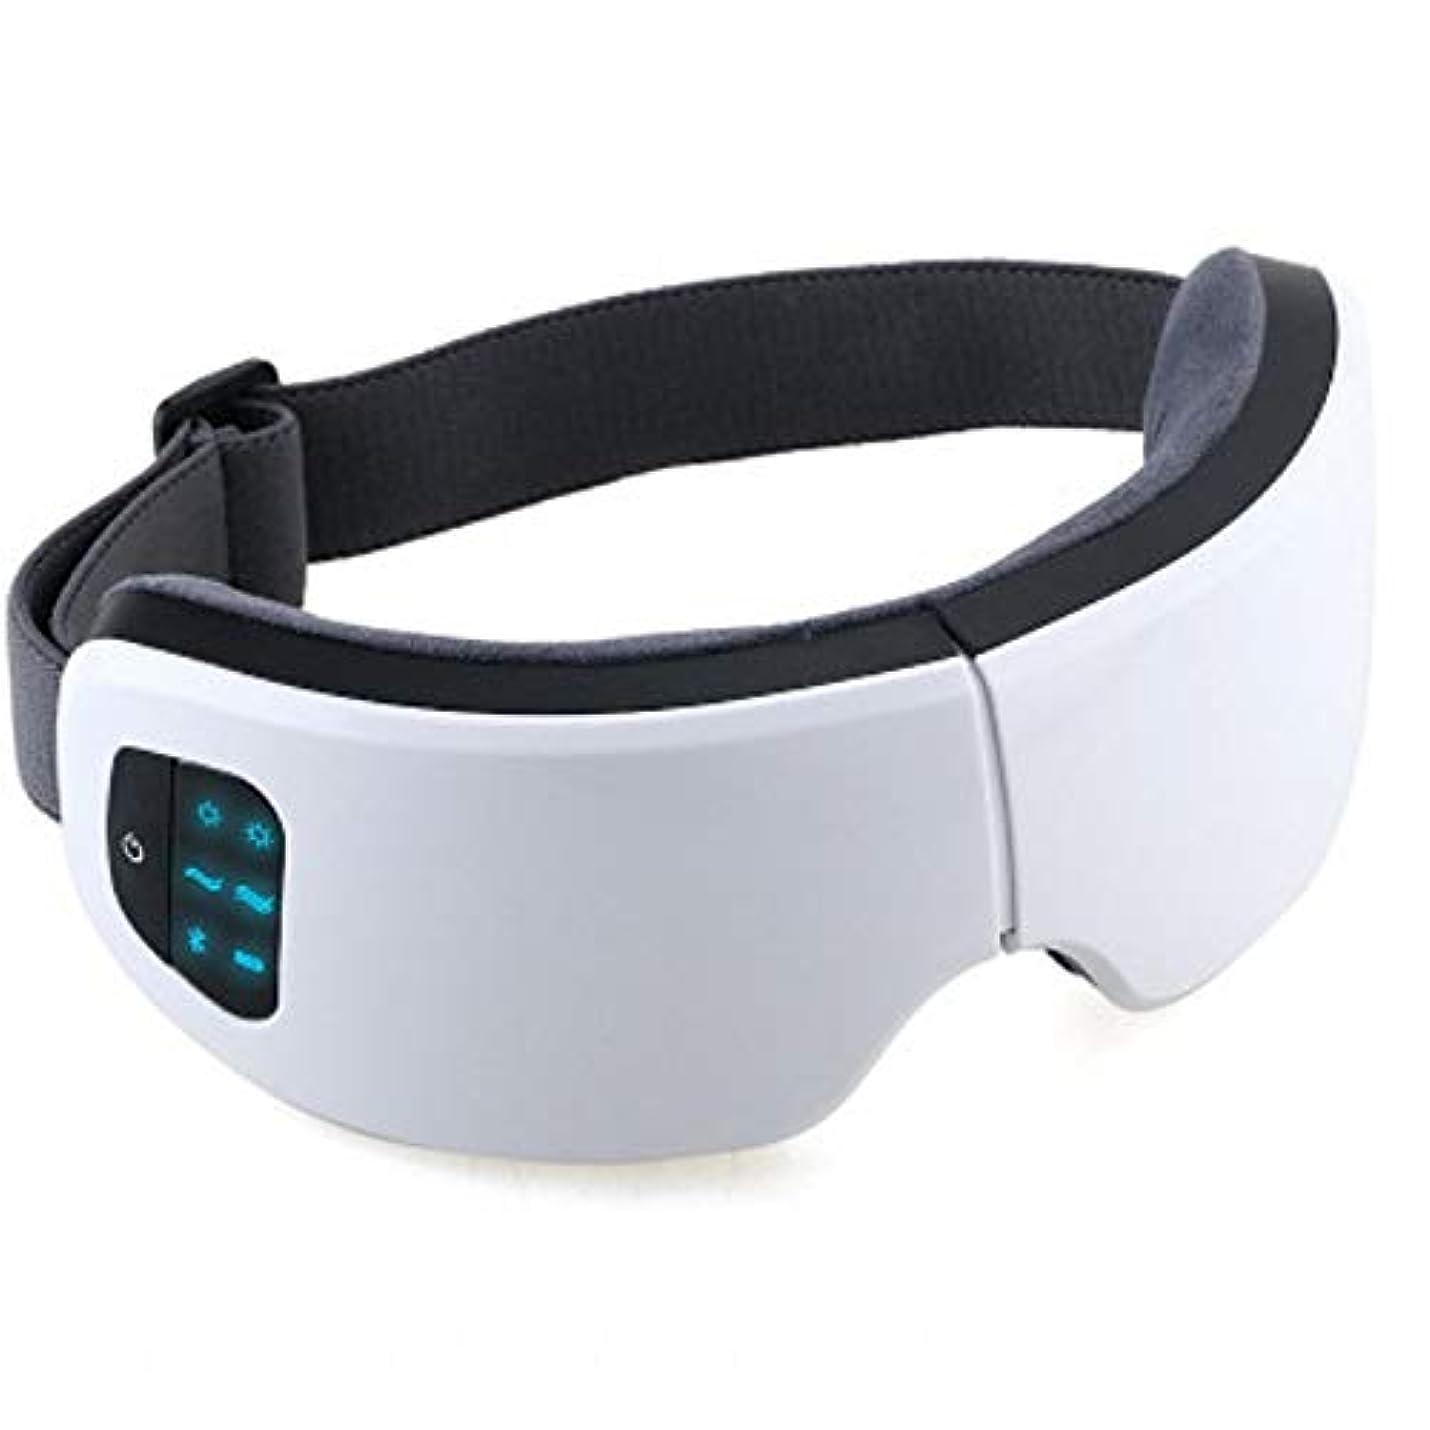 効能フィードバック測定Ruzzy 高度の目のマッサージャー、暖房モードの無線再充電可能な折る目のマッサージャー 購入へようこそ